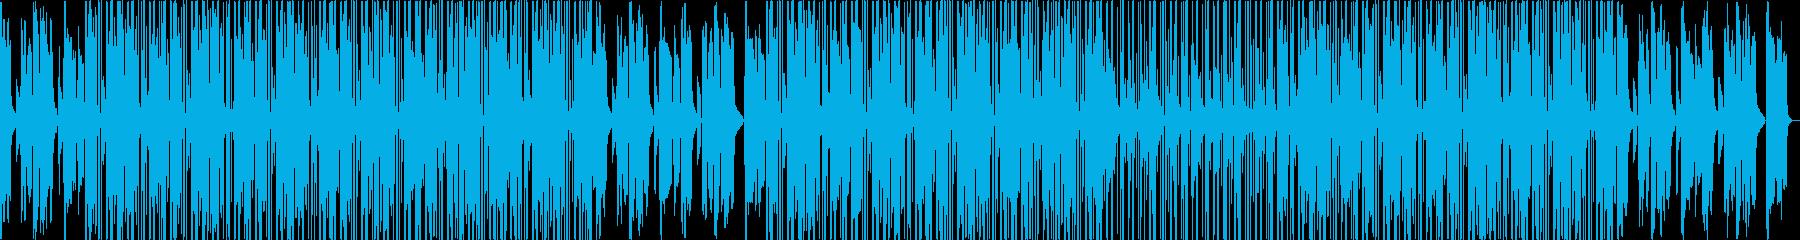 穏やか LOFI HIPHOPの再生済みの波形